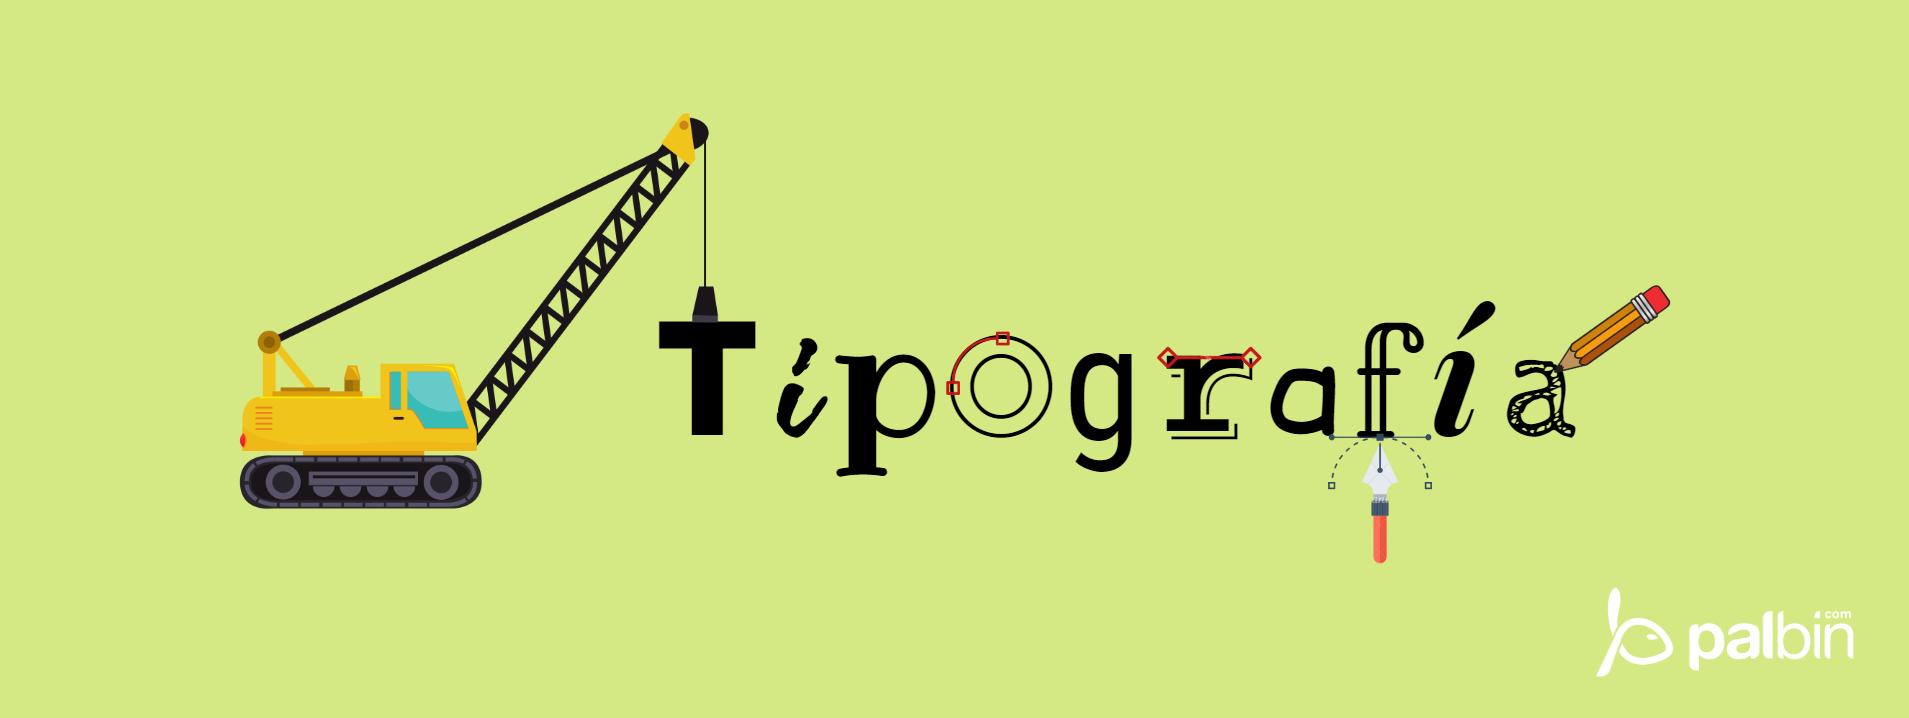 Moderniza tu web a través de las tipografías